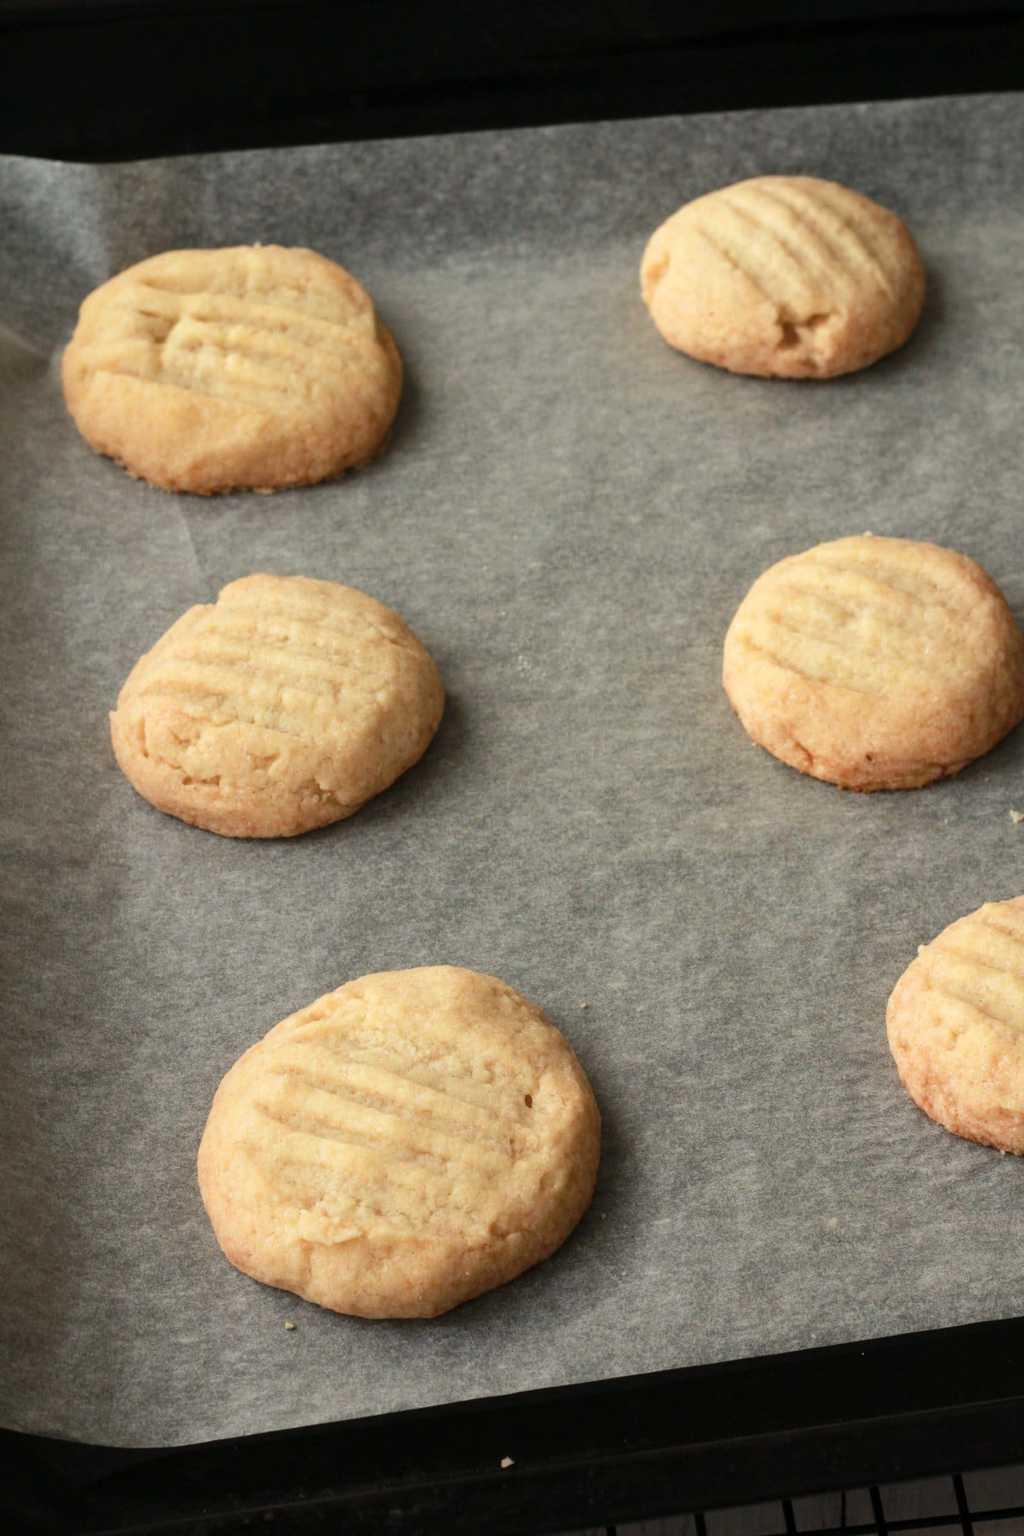 Making Shortbread Cookies for Chocolate Tiffin Squares #vegan #lovingitvegan #dessert #cookies